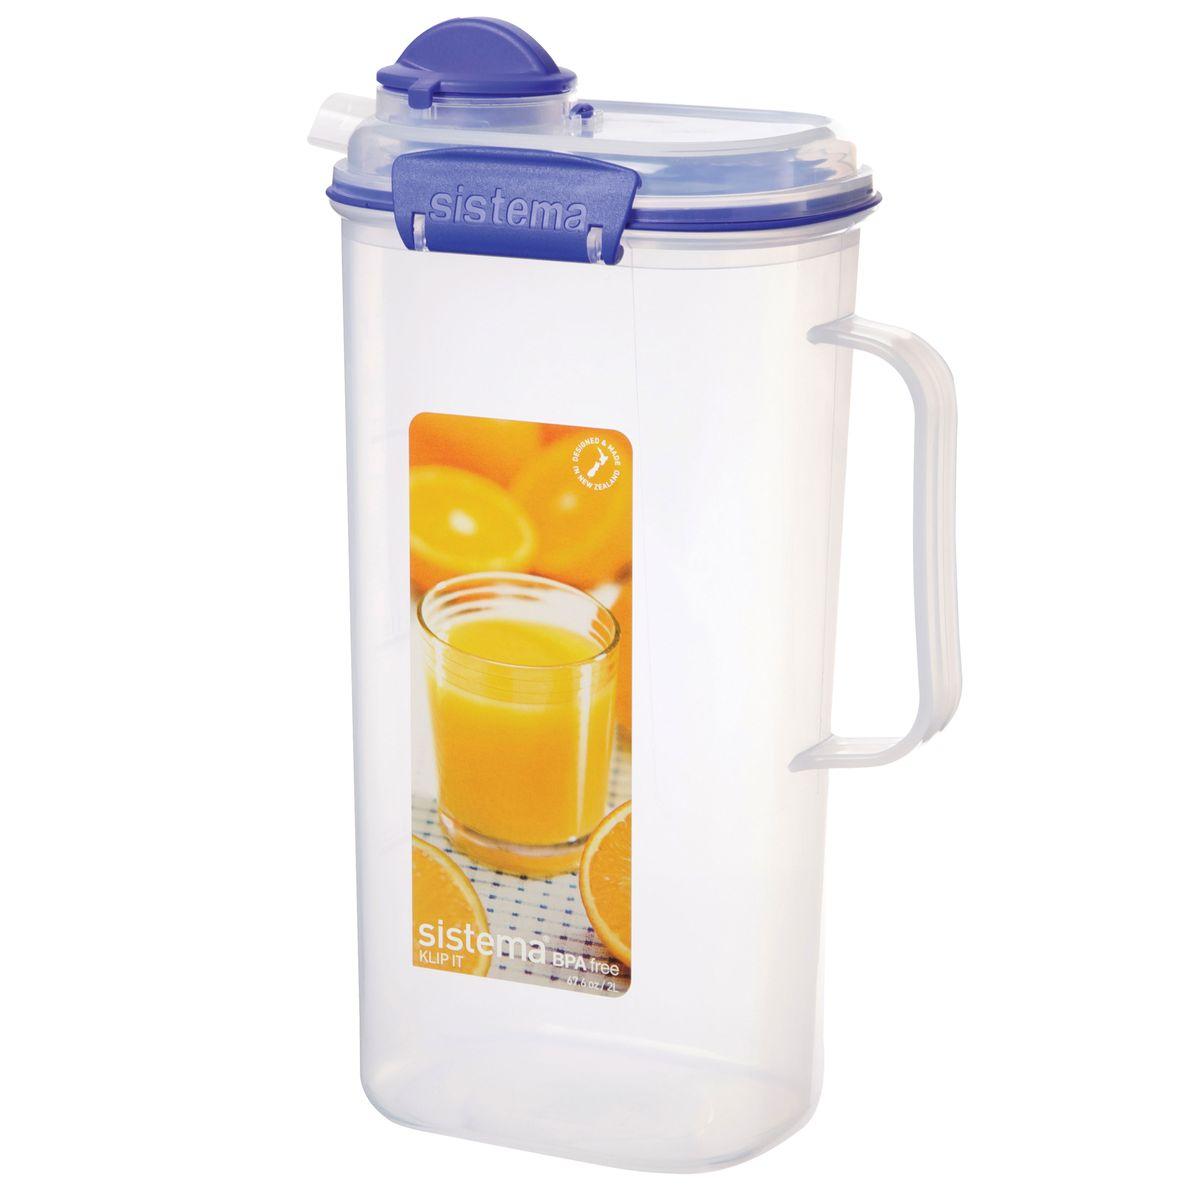 Кувшин для сока Sistema, 2 л1420Кувшин Klip It предназначен для хранения напитков. Контейнеры вкладываются один в другой для экономии места при хранении. Крышка с силиконовой прокладкой герметично закрывается что помогает дольше сохранить полезные свойства продуктов. Контейнер надежно закрывается клипсами, которые при необходимости можно заменить. Можно мыть в посудомоечной машине.